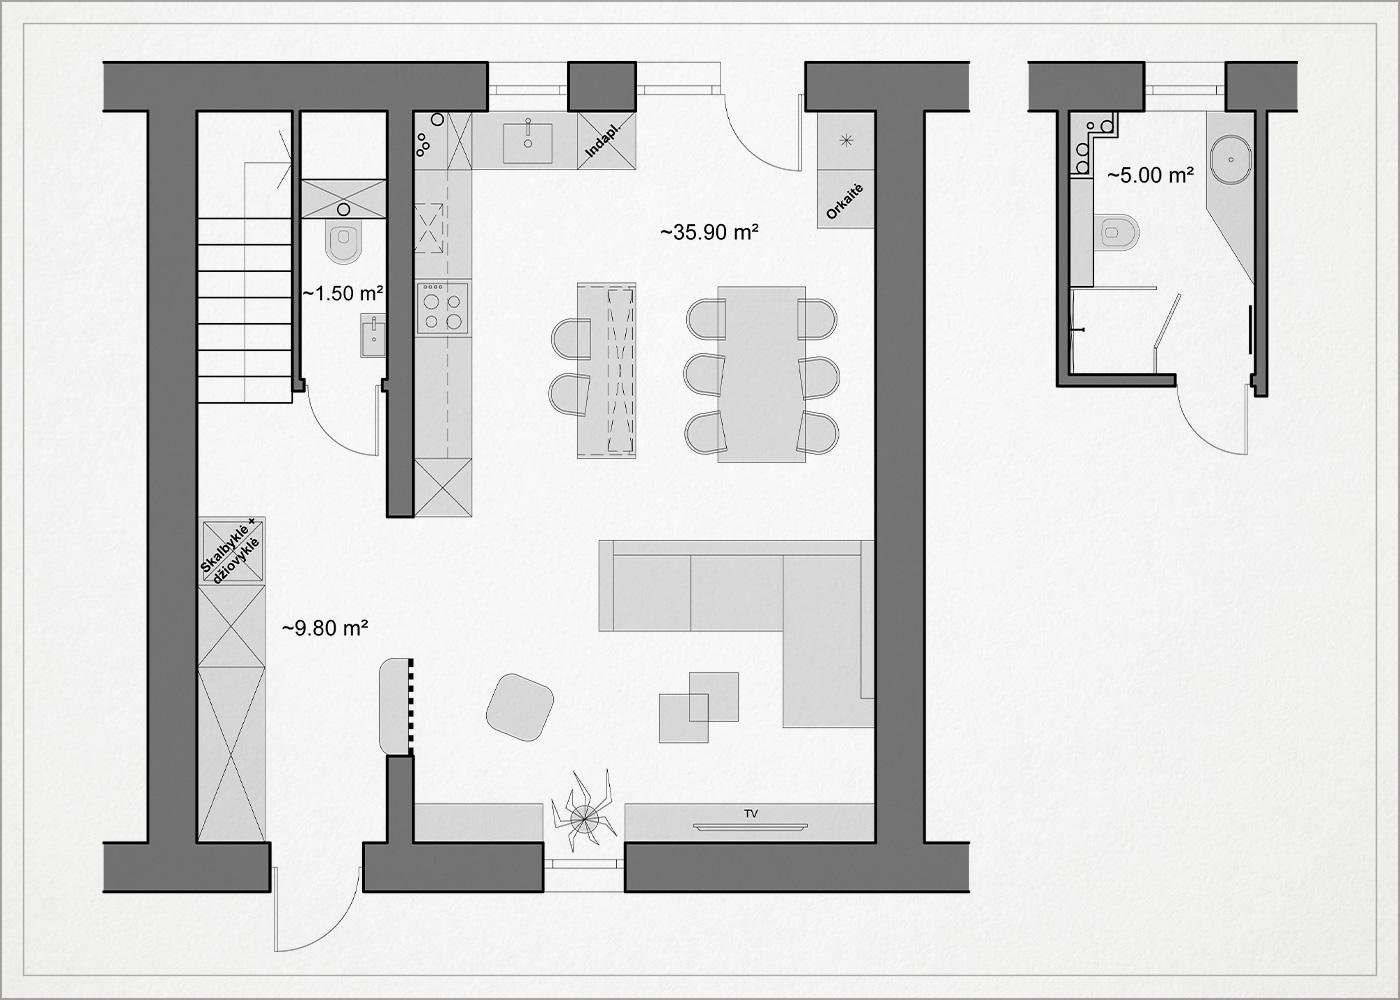 architekturinis planas - kotedzas avizieniuose